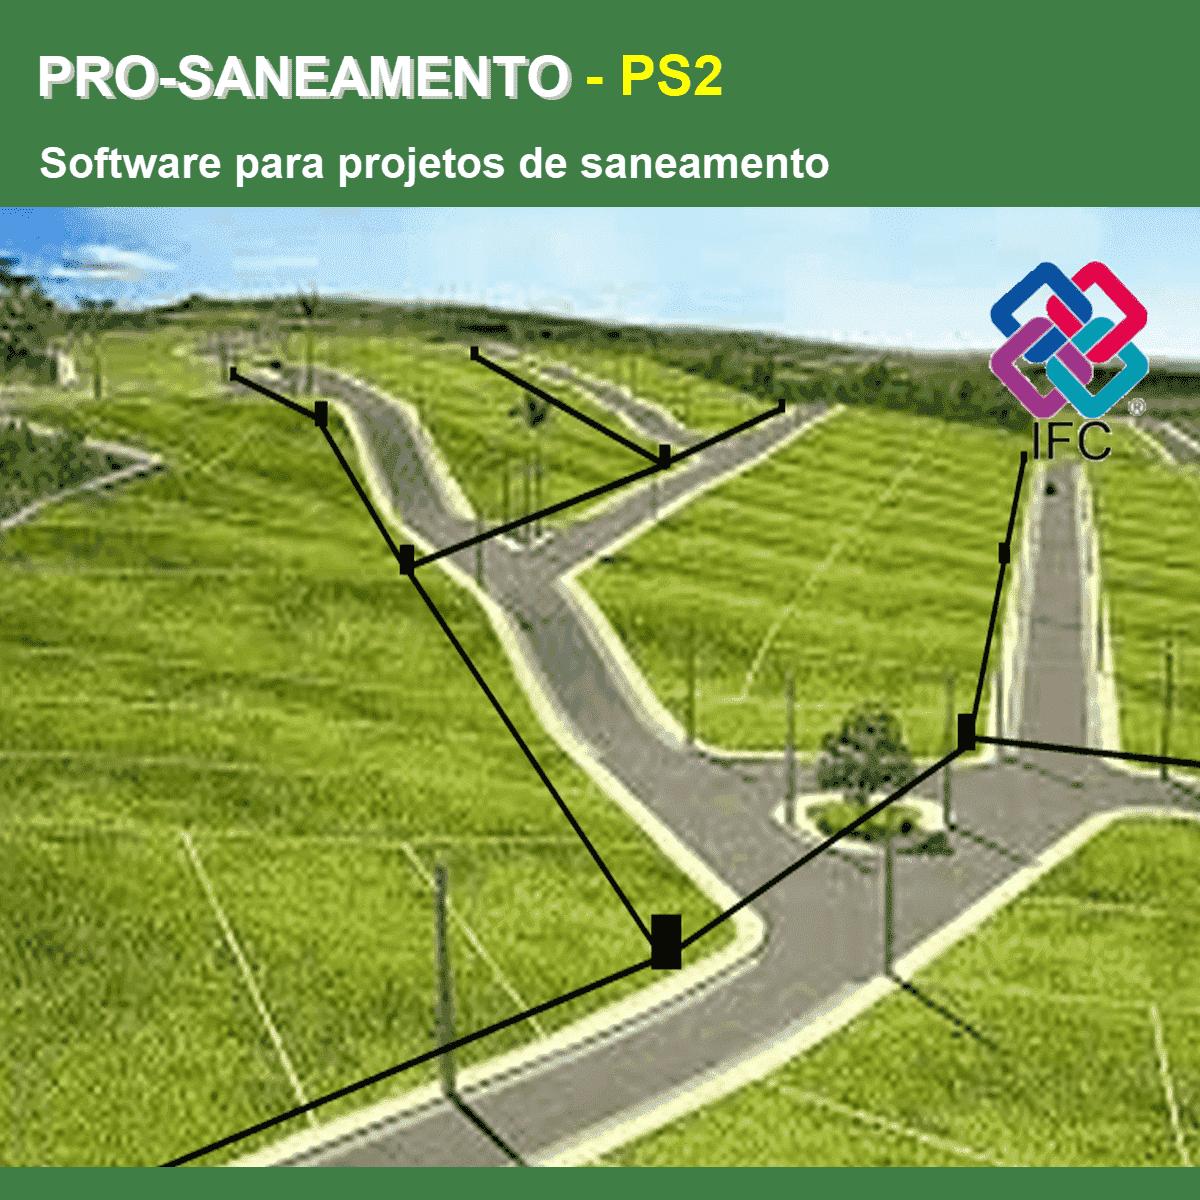 Software PRO-Saneamento versão 18 Pacote PS2 incluindo Exportação em IFC  - MULTIPLUS SOFTWARES